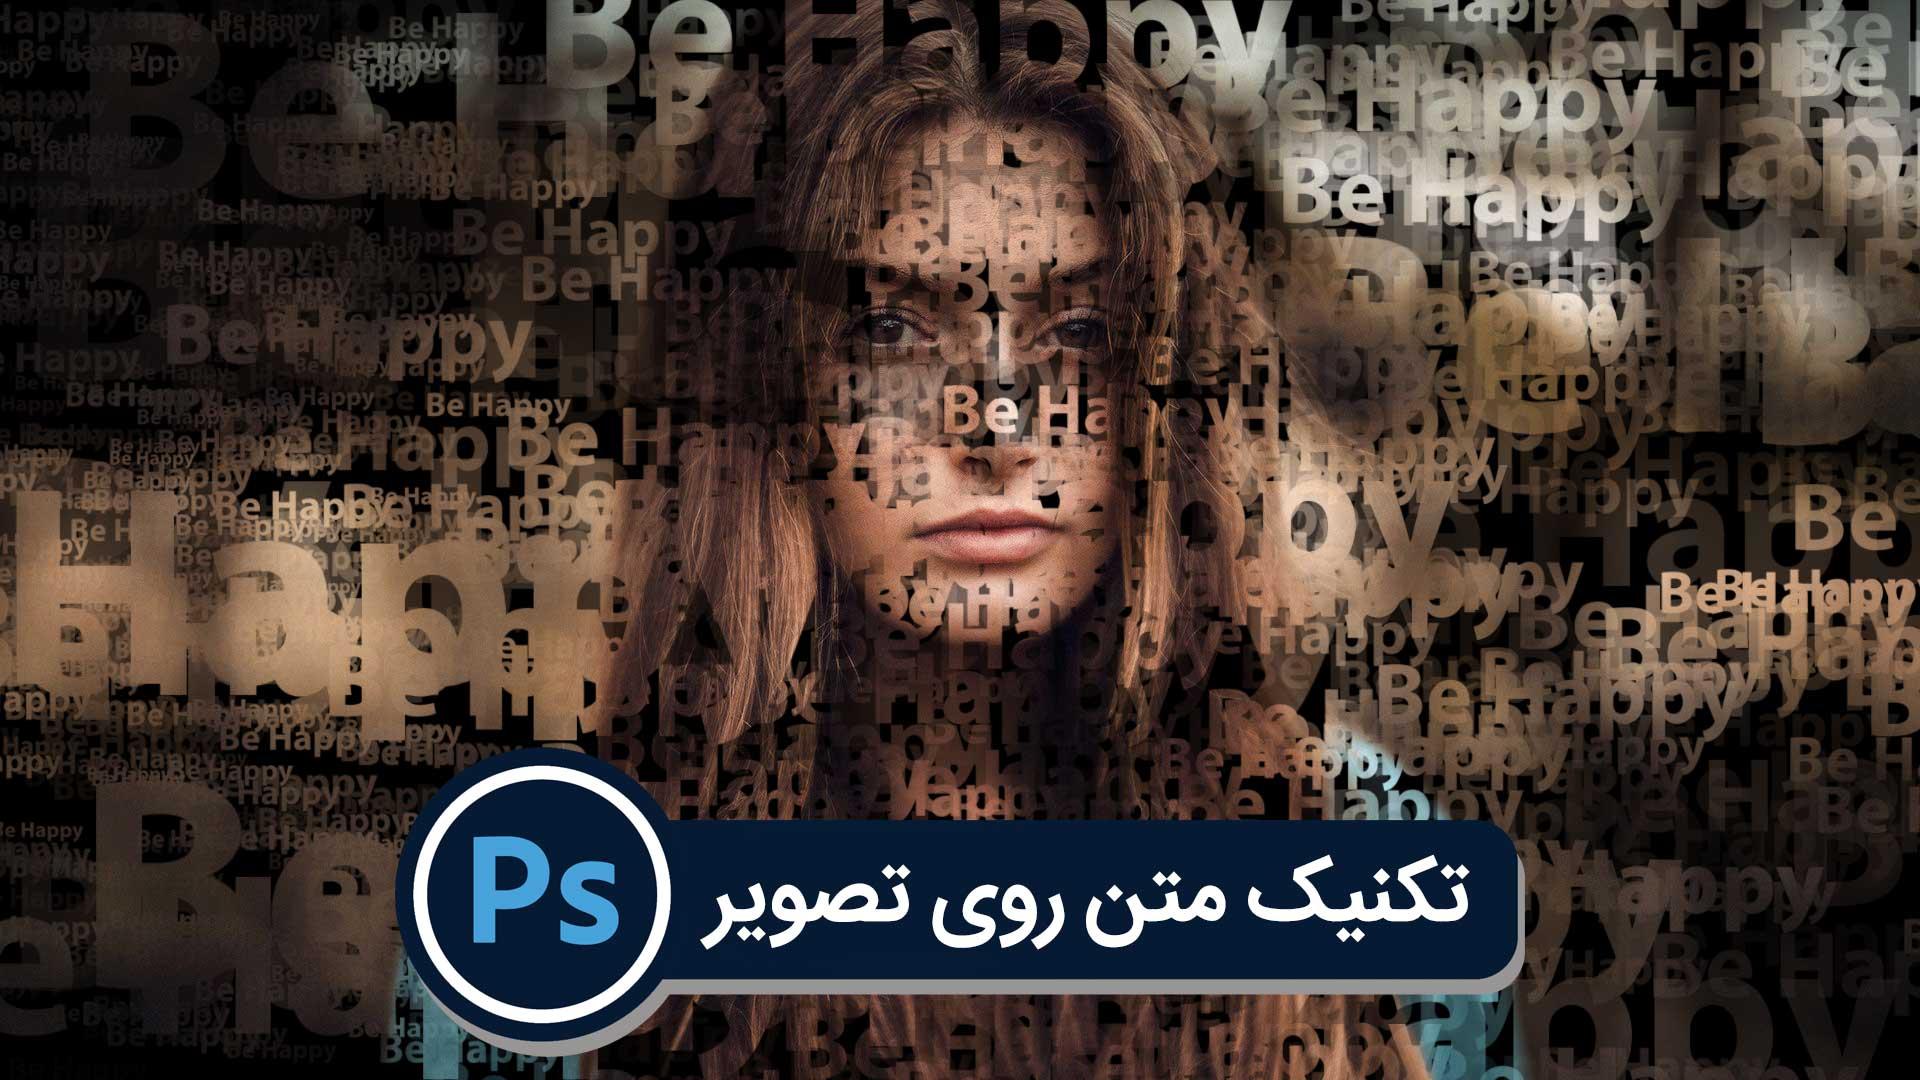 تکنیک متن روی تصویر